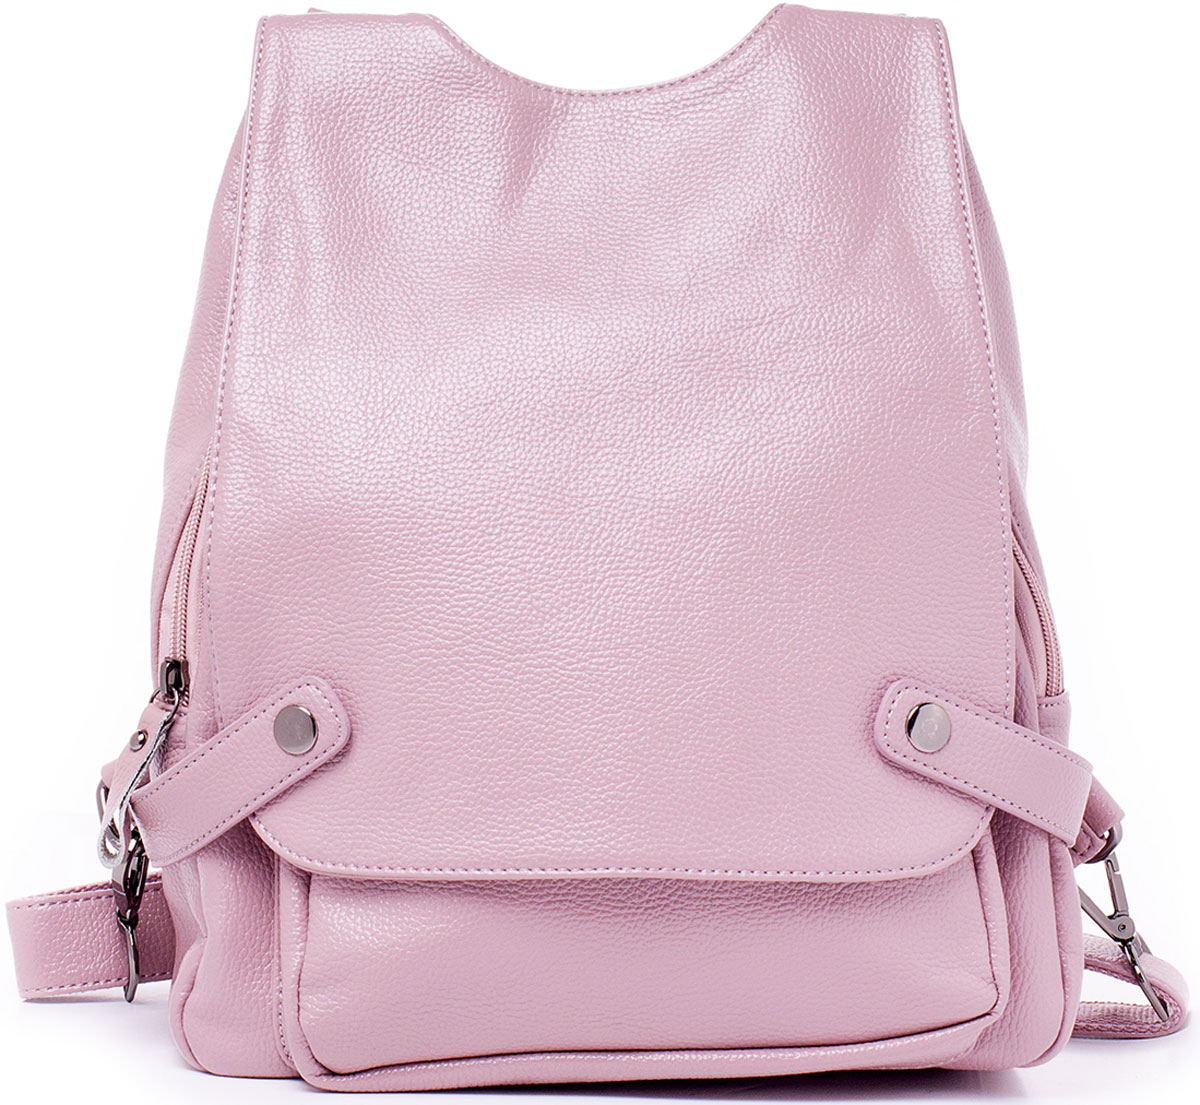 Рюкзак женский Baggini, цвет: розовый. 29850/6371069с-2Многофункциональный рюкзак-трансформер Baggini обрадует вас своей практичностью и уникальностью. Рюкзак имеет две отстежные регулируемые наплечные лямки и одну отстежную ручку, все пристегивается и отстегивается на удобных карабинах. Благодаря этому, по вашему желанию, рюкзак может превращаться в сумку. Все передние карманы и отделения рюкзака надежно защищены от нежелательного проникновения большой пристегивающейся на кнопки крышкой. Под крышкой находится один вместительный накладной наружный карман на магнитной кнопке и главное отделение на застежке-молнии. Внутри отделения имеются два накладных кармашка для телефона или мелочей, один прорезной карман на застежке-молнии, карман-разделитель, так же на молнии, и накладной карман за ним. Снаружи рюкзака так же имеется один вертикальный прорезной карман на застежке-молнии, он находится на спинке изделия. Изделие исполнено из высококачественной экокожи. Обе отстежные лямки и ручка прилагаются.